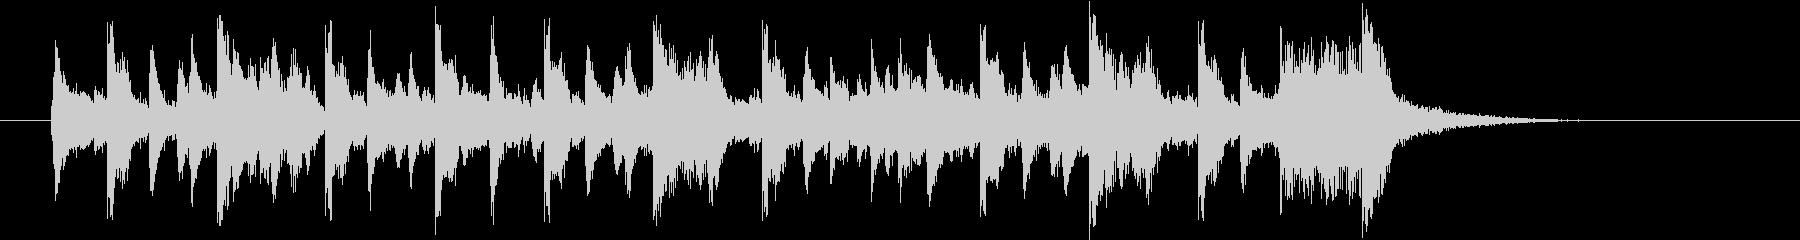 80年代フュージョン的な17秒ジングルの未再生の波形